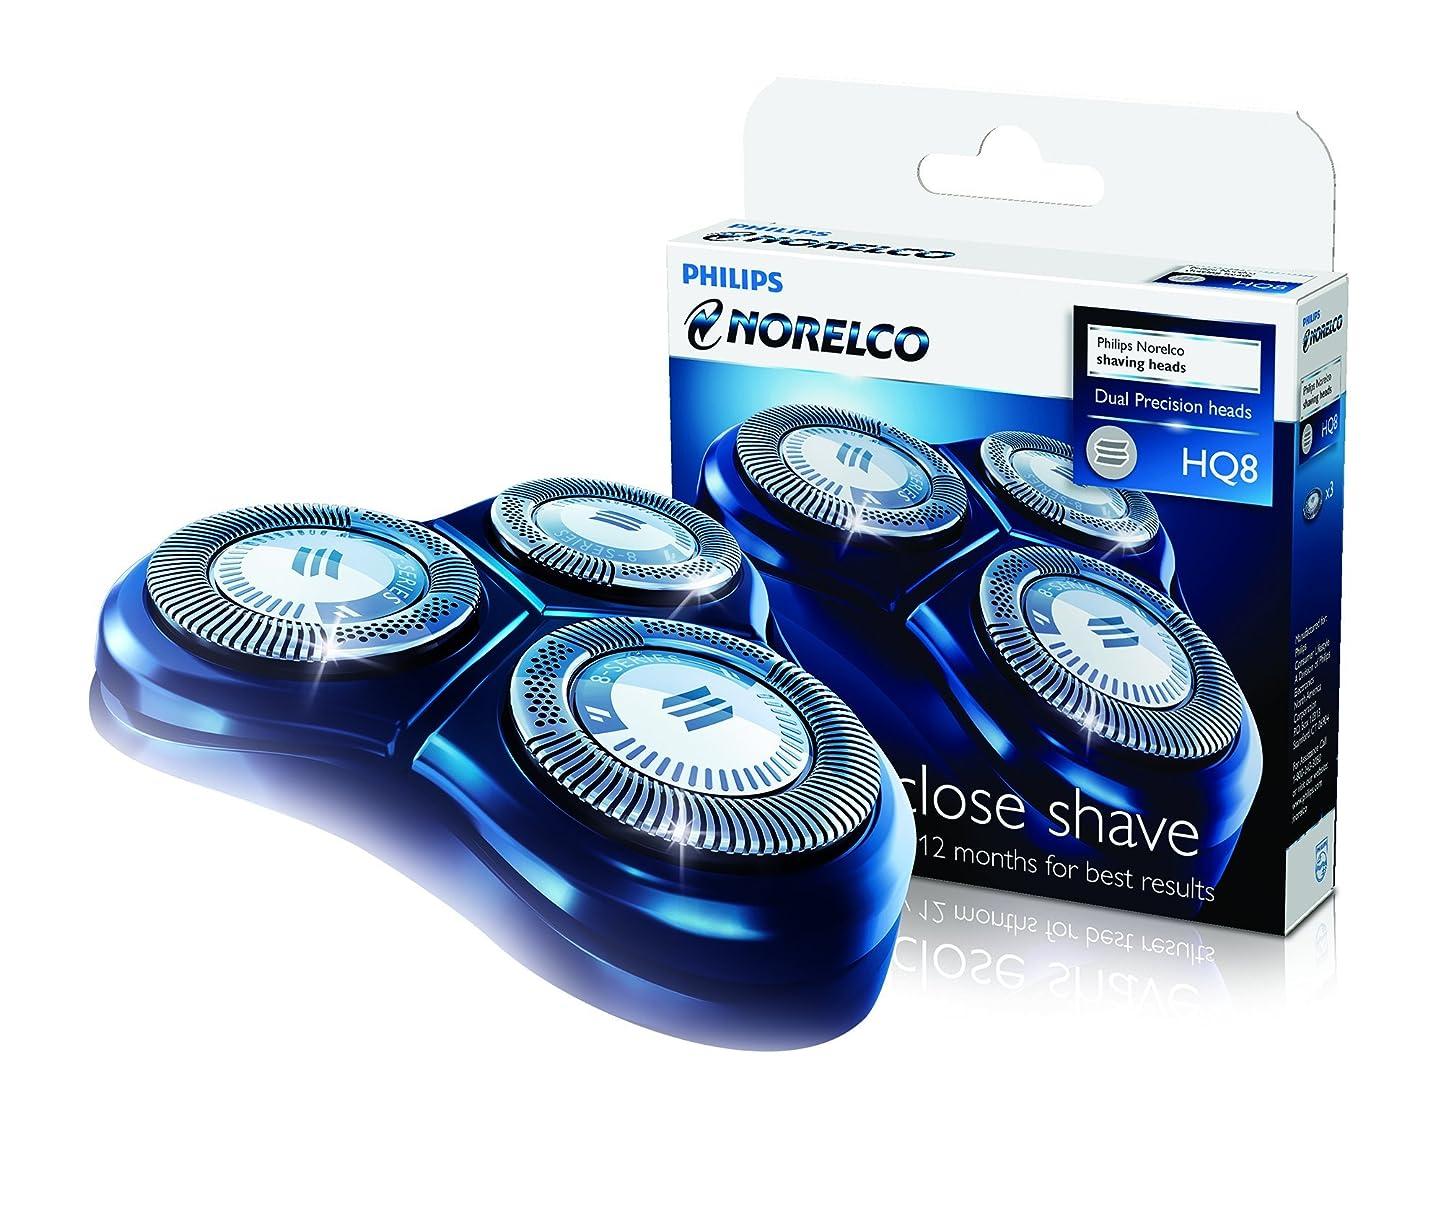 かんがい同性愛者光沢Philips Norelco HQ8 Sensotec Spectra (3 Pack) For Use With Philips Shavers: 7100 Series, 7200 Series, 7300 Series, 8400 Series, 8800 Series, shaver heads razor blades cutters and foils replacement shaving head.